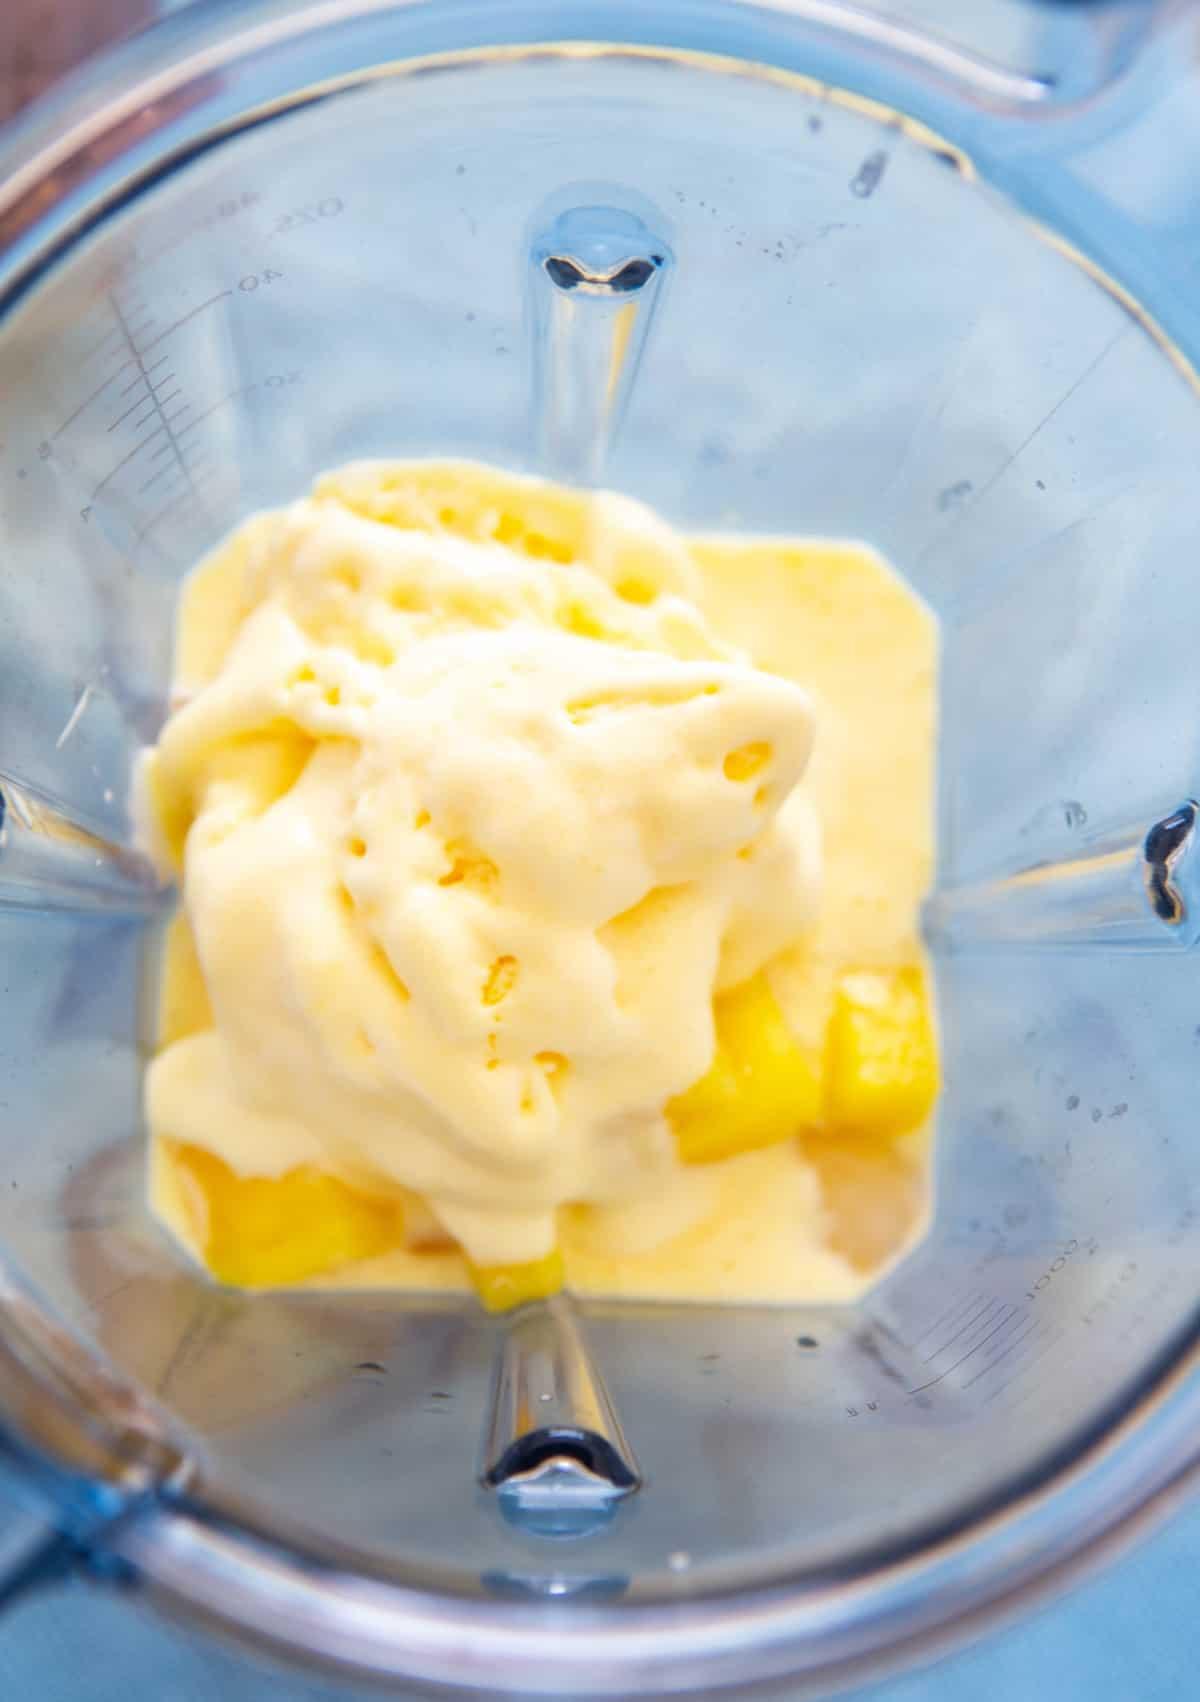 Ananas congelat și înghețată și suc așezat într-un blender.